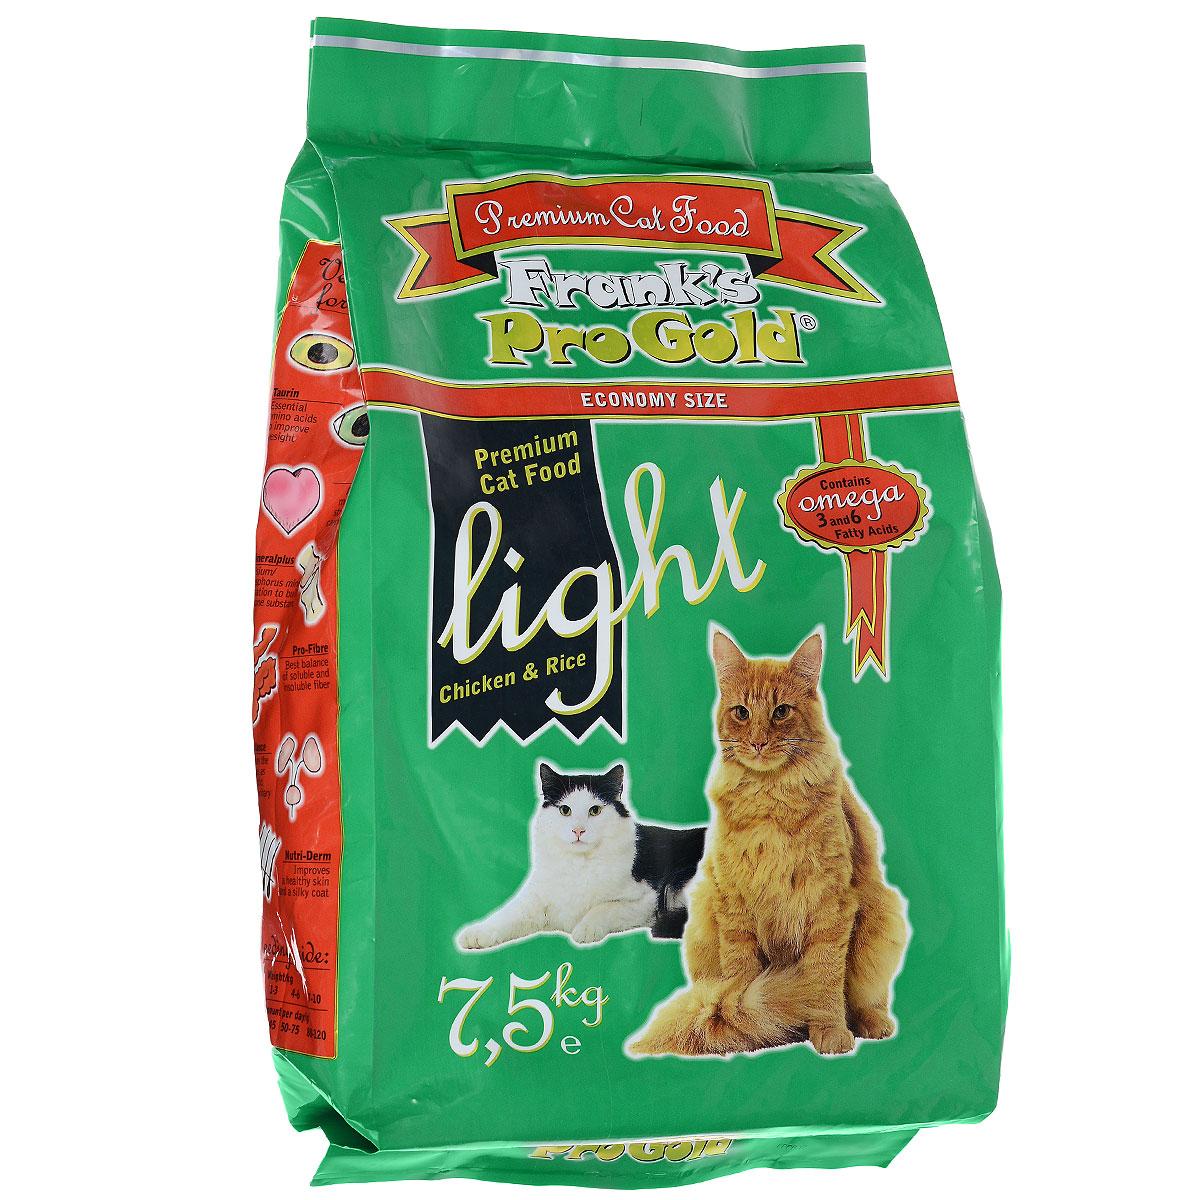 Корм сухой Franks ProGold для кошек, склонных к полноте, с курицей и рисом, 7,5 кг23294Сухой корм Franks ProGold - это полноценный сбалансированный корм для склонных к полноте кошек, а также после кастрации и стерилизации. Каждая четвертая кошка страдает избыточным весом. Однажды появившийся избыточный вес имеет тенденцию сохраняться и даже увеличиваться. Лишние килограммы могут повредить здоровью вашей кошки. Чтобы вернуть кошке идеальный вес, необходимы разумные ограничения рациона.Состав: мясо курицы, рис, маис, рыбное филе, печень птицы, кукурузная мука, мякоть свеклы, куриный жир, дрожжи, рыбий жир, минералы и витамины, фруктоолигосахариды (минимум 0,5%), лецитин, холинхлорид, витамин У, витамин С.Пищевая ценность: белки 29,0%, жиры 12,0%, клетчатка 2,5%, зола 6,5%, влажность 8,0%, фосфор 0,9%, кальций 1,0%, натрий 0,4%, магний 0,08%. Калорийность: 3505 ккал/кг.Товар сертефицирован.